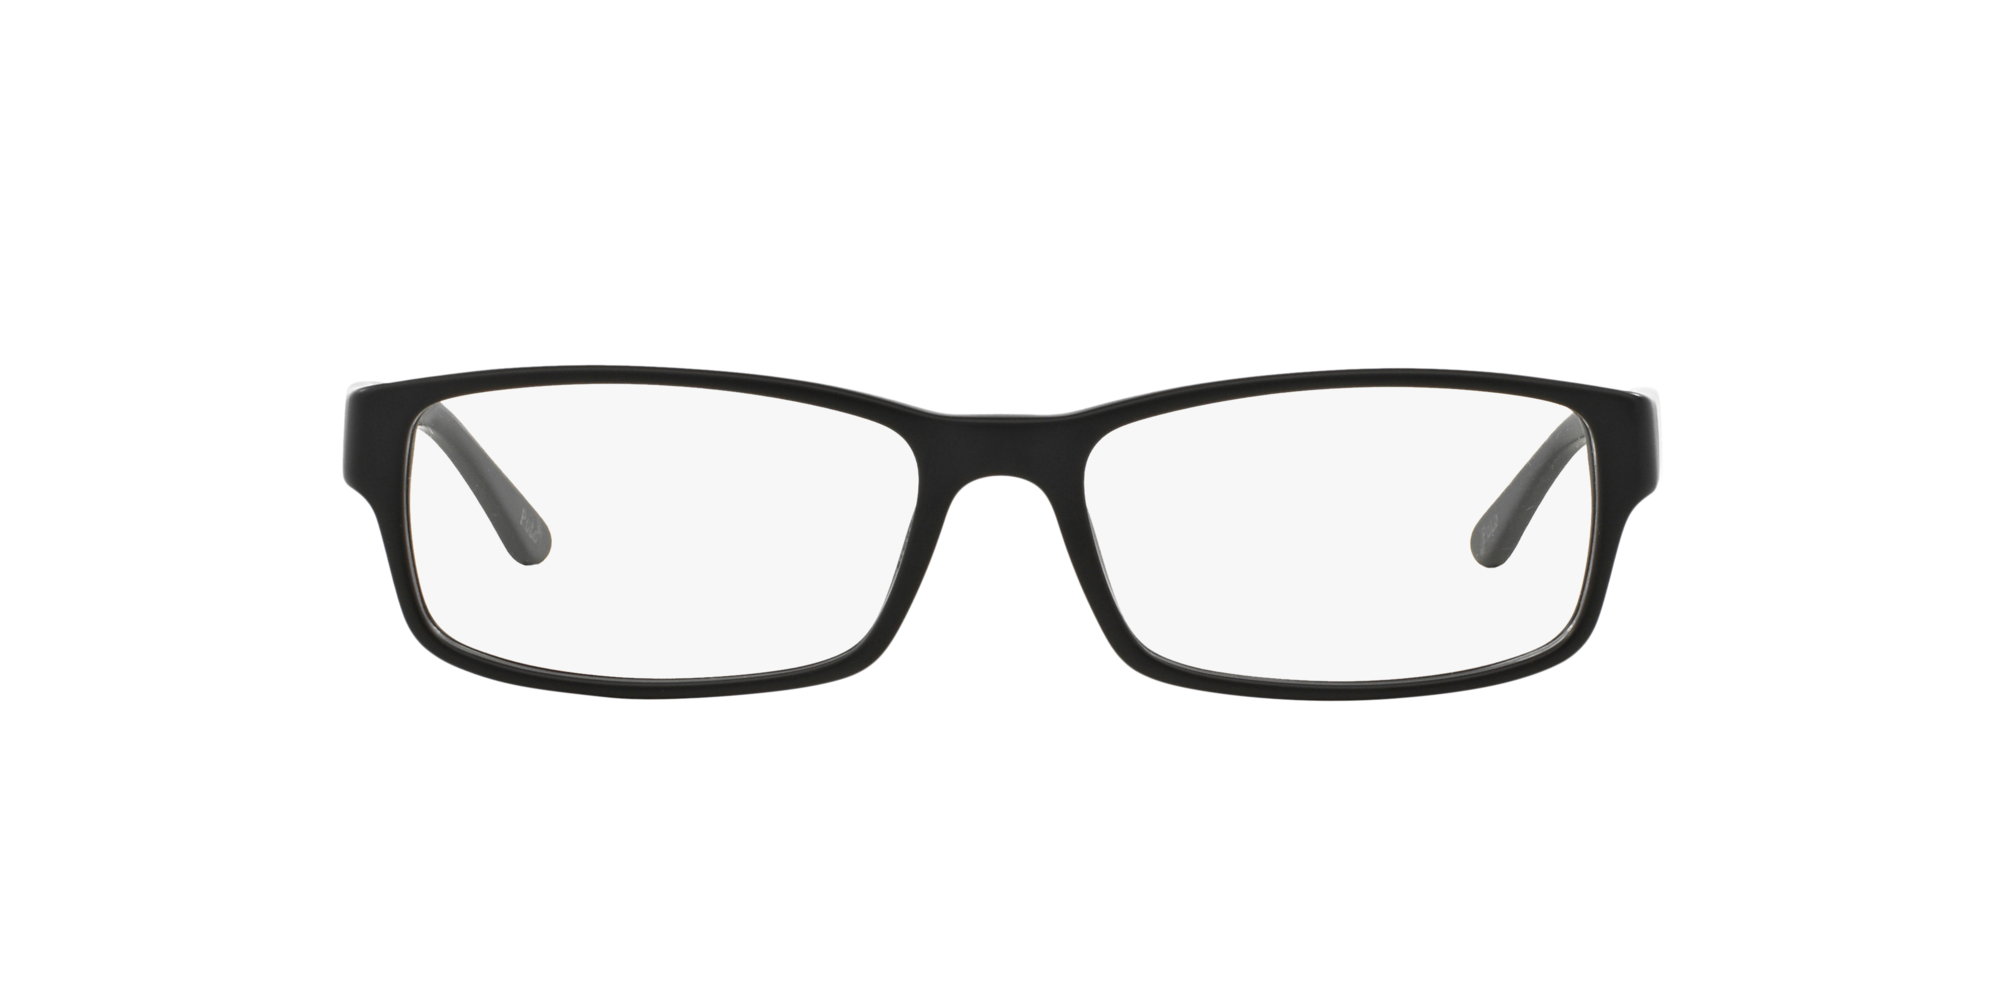 Imagen para PH2065 de LensCrafters |  Espejuelos, espejuelos graduados en línea, gafas